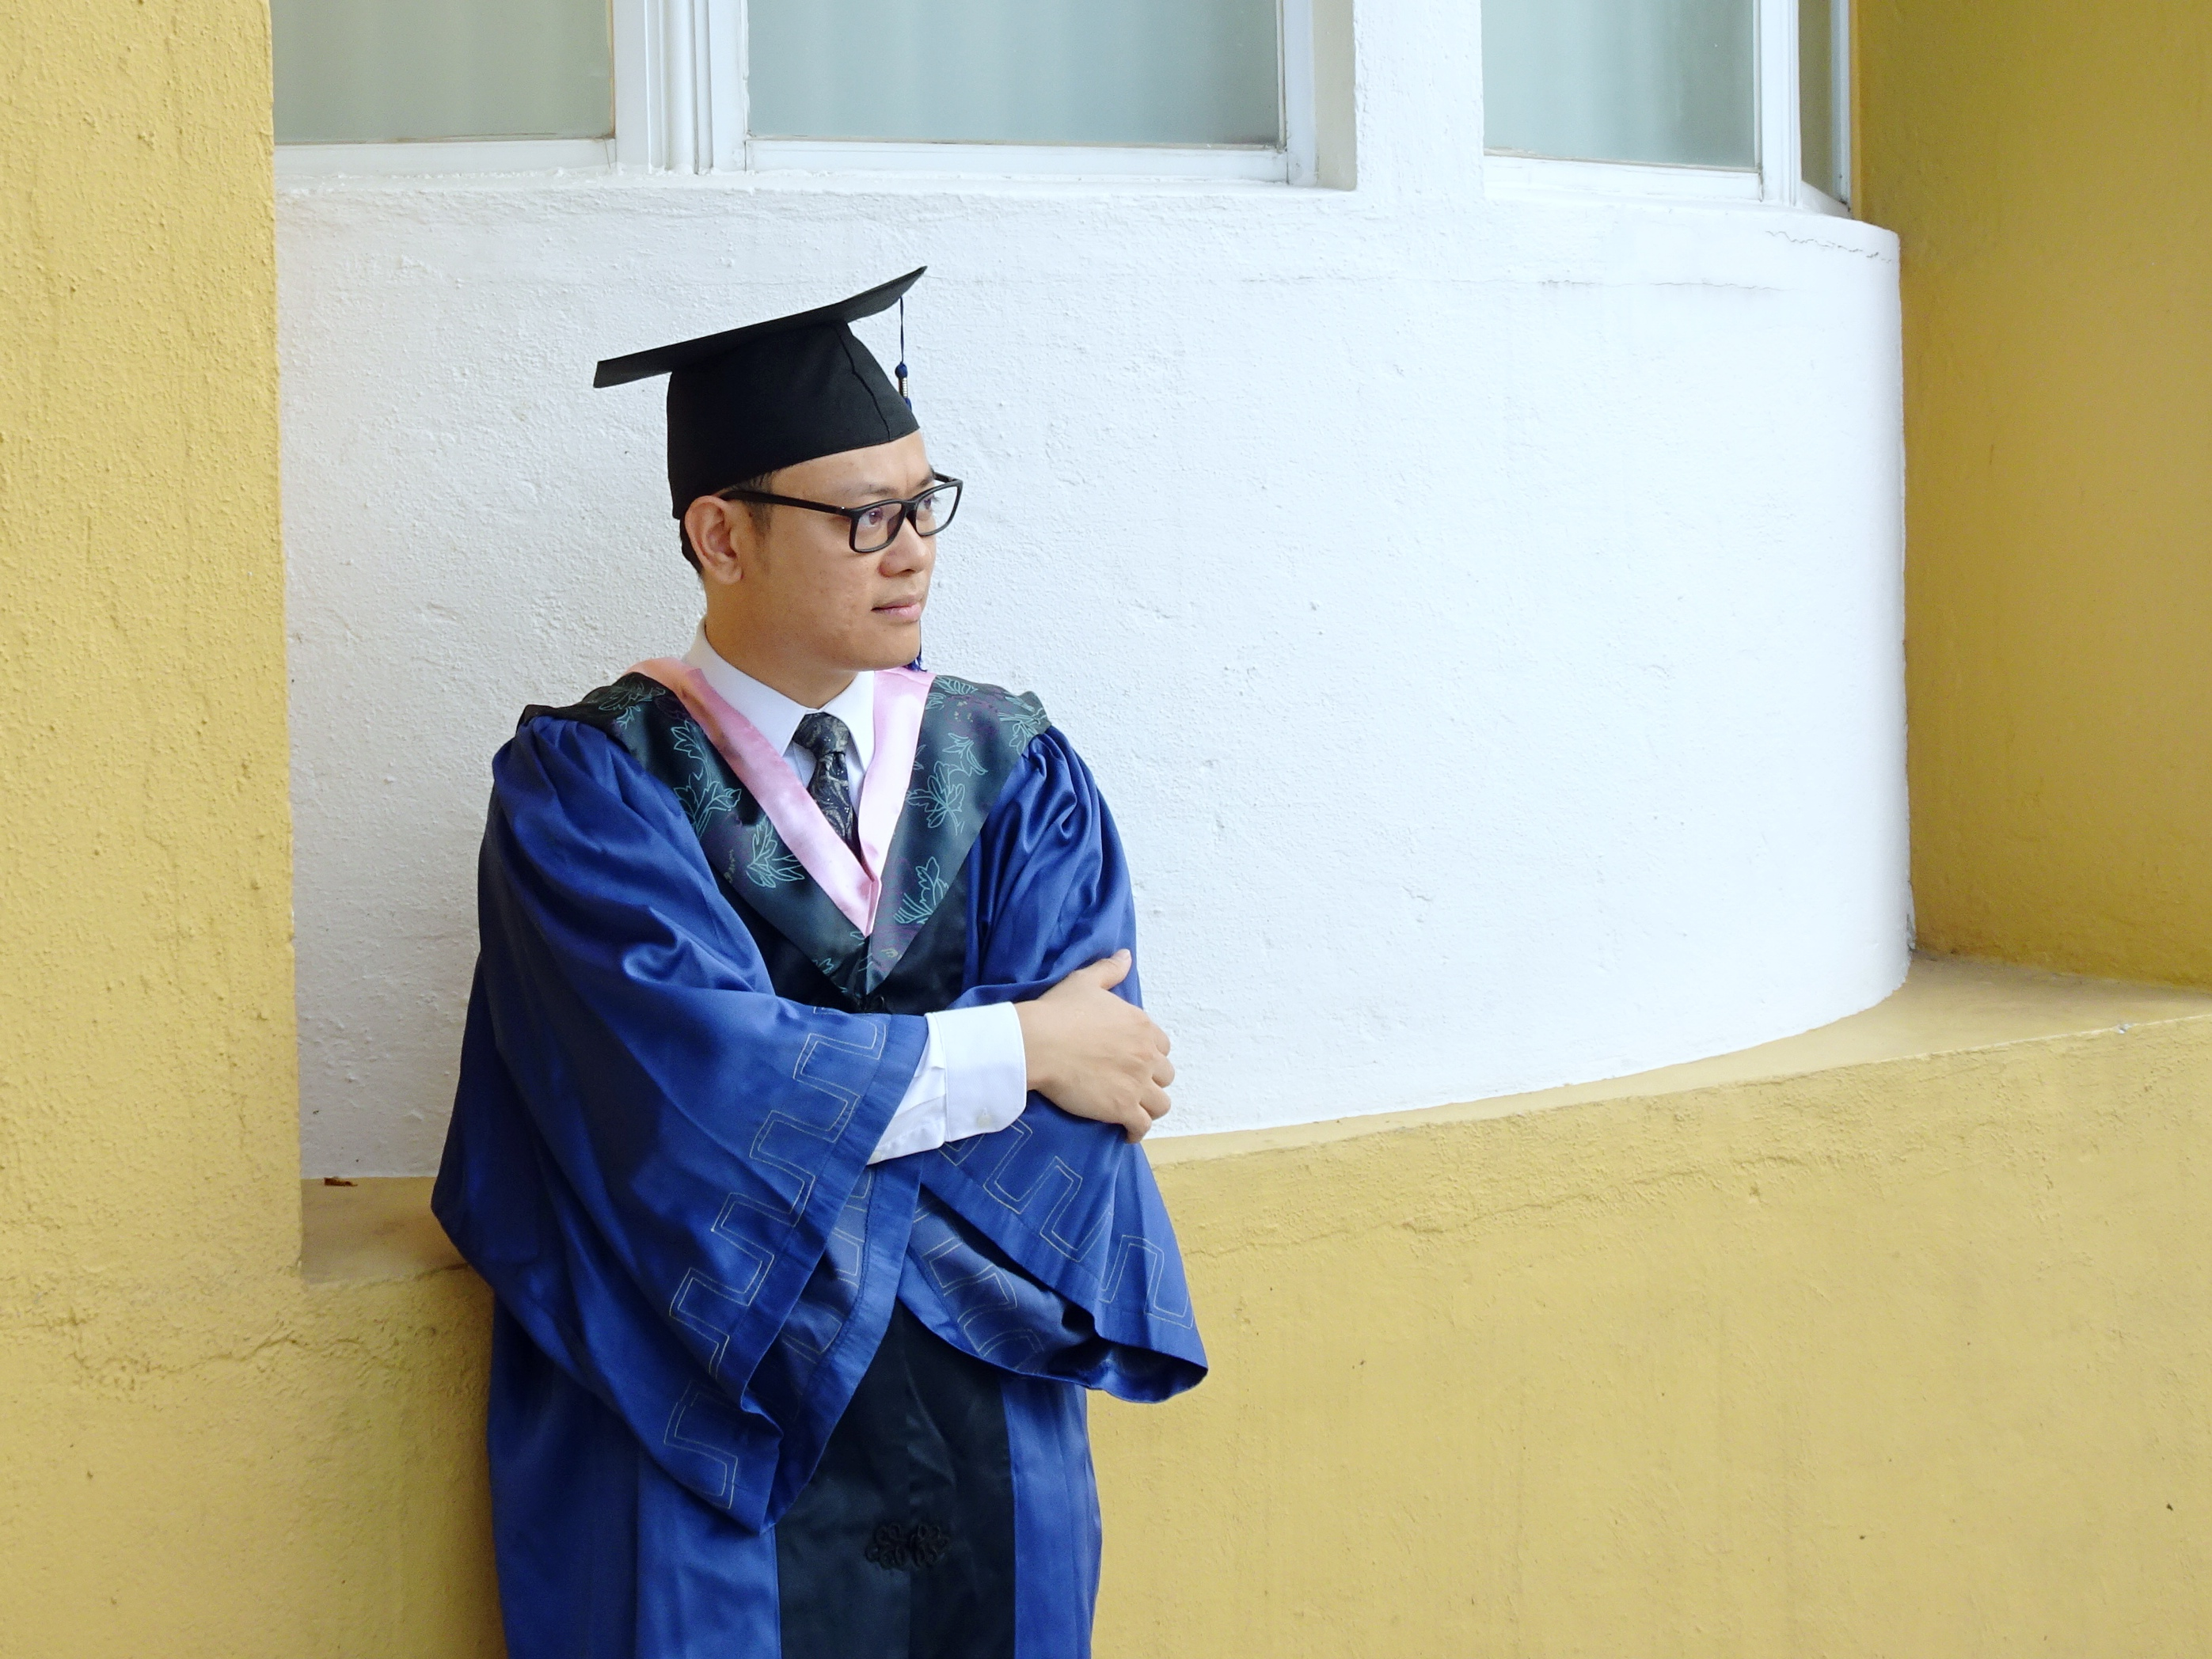 A02-讀碩士是為了掌握更多知識